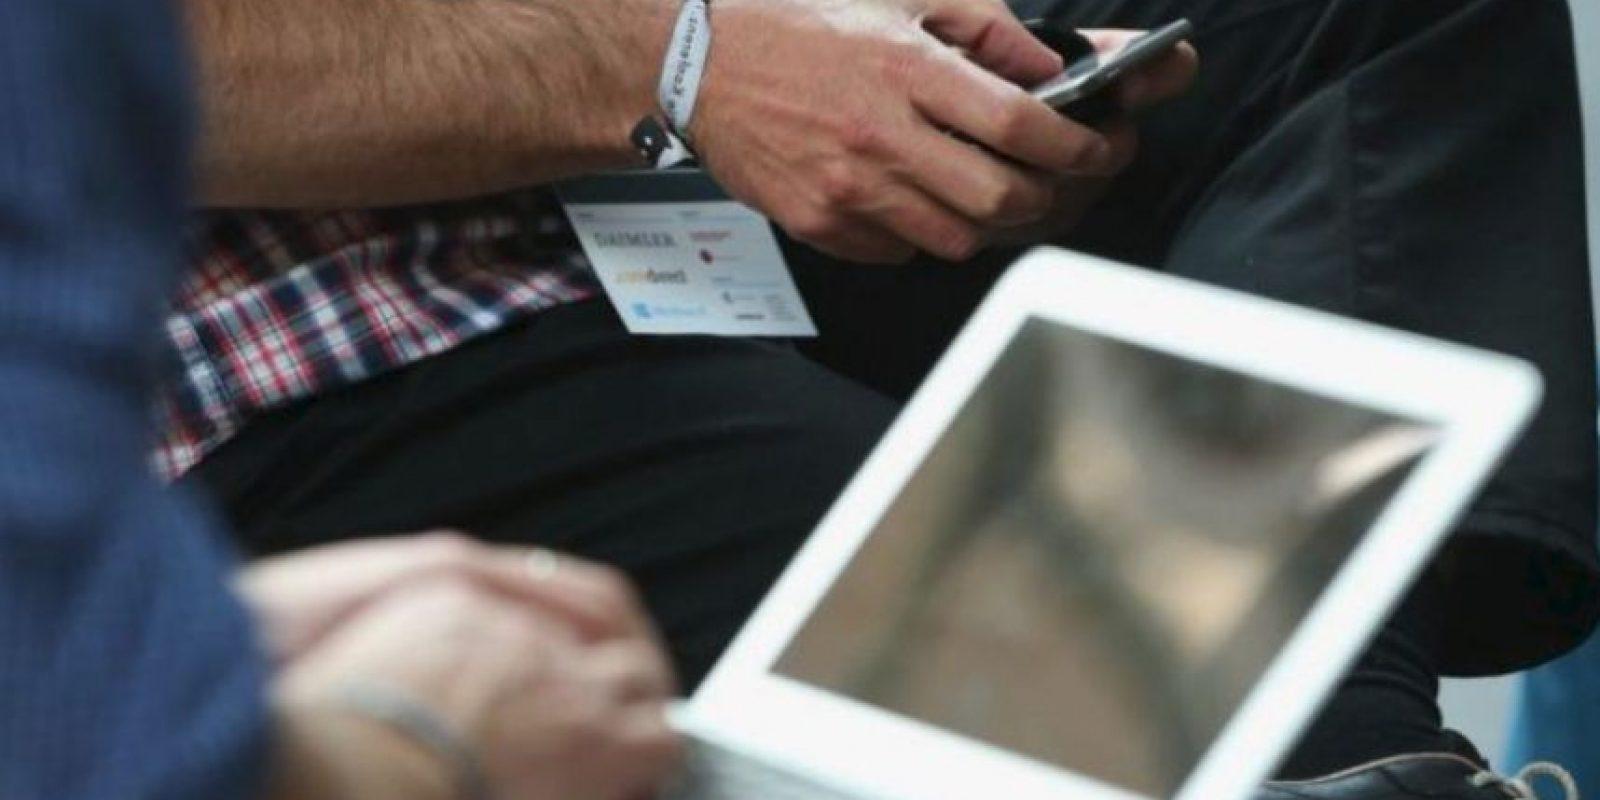 3. En mayo de este año una corte en Alemania declaró que las fotos de una persona deben ser borradas si esta lo solicita, especificó The Independent. Foto:Getty Images